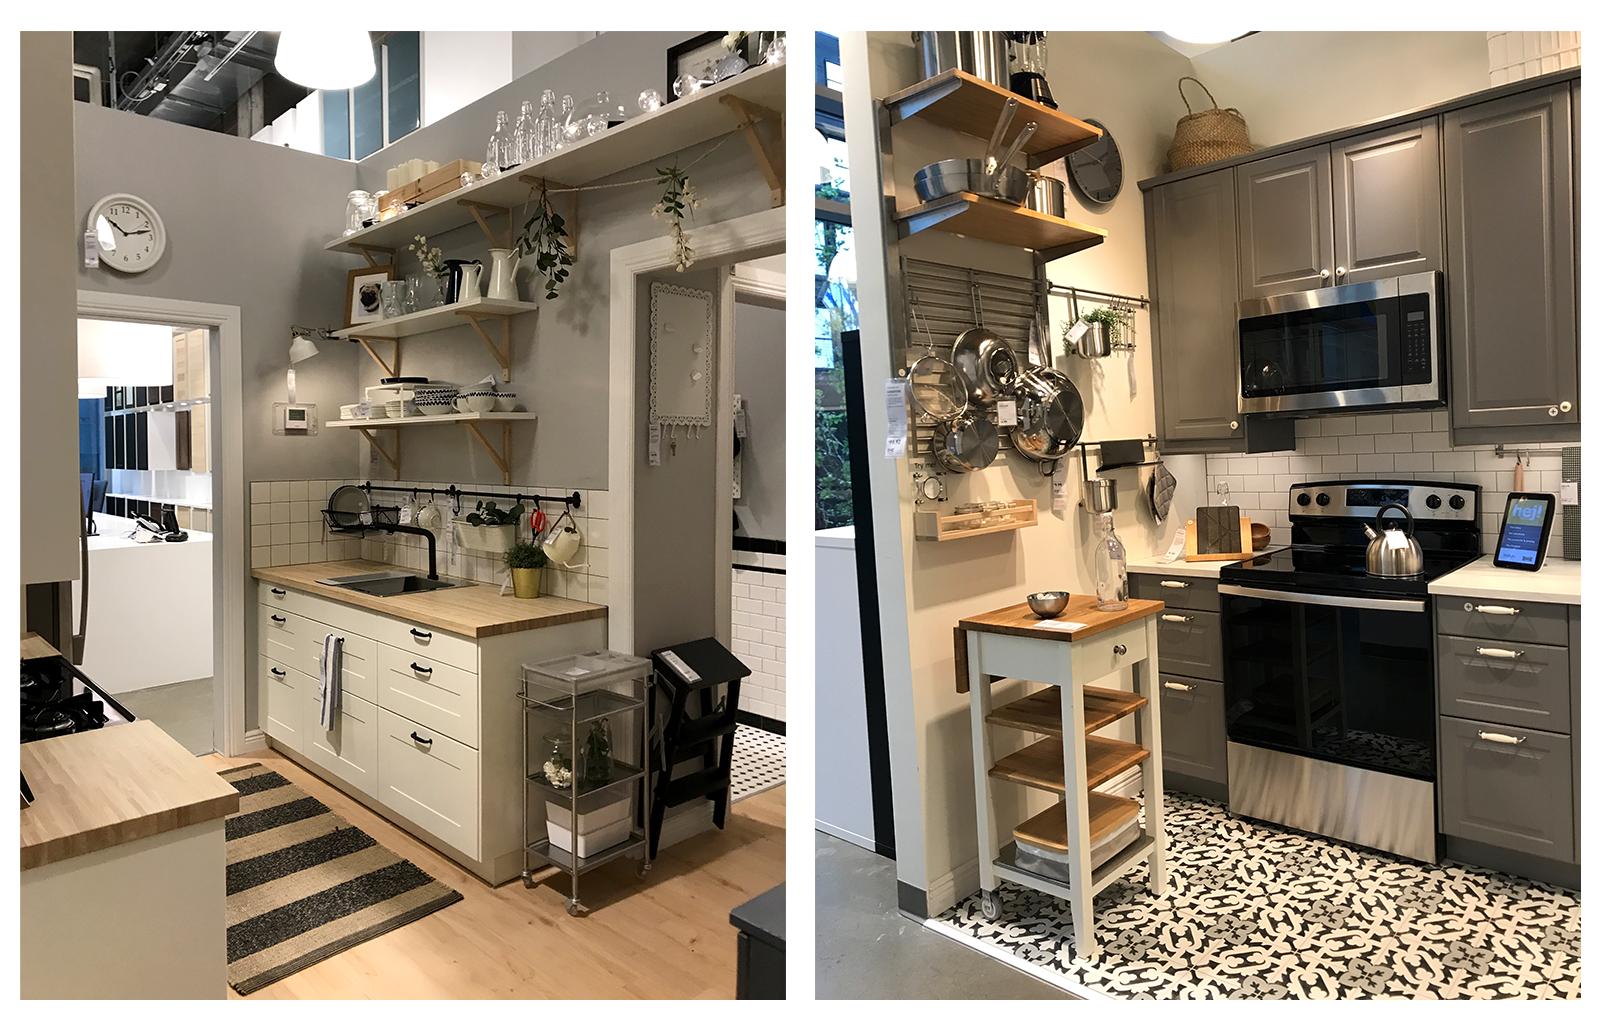 ikea-planning-studio-kitchens